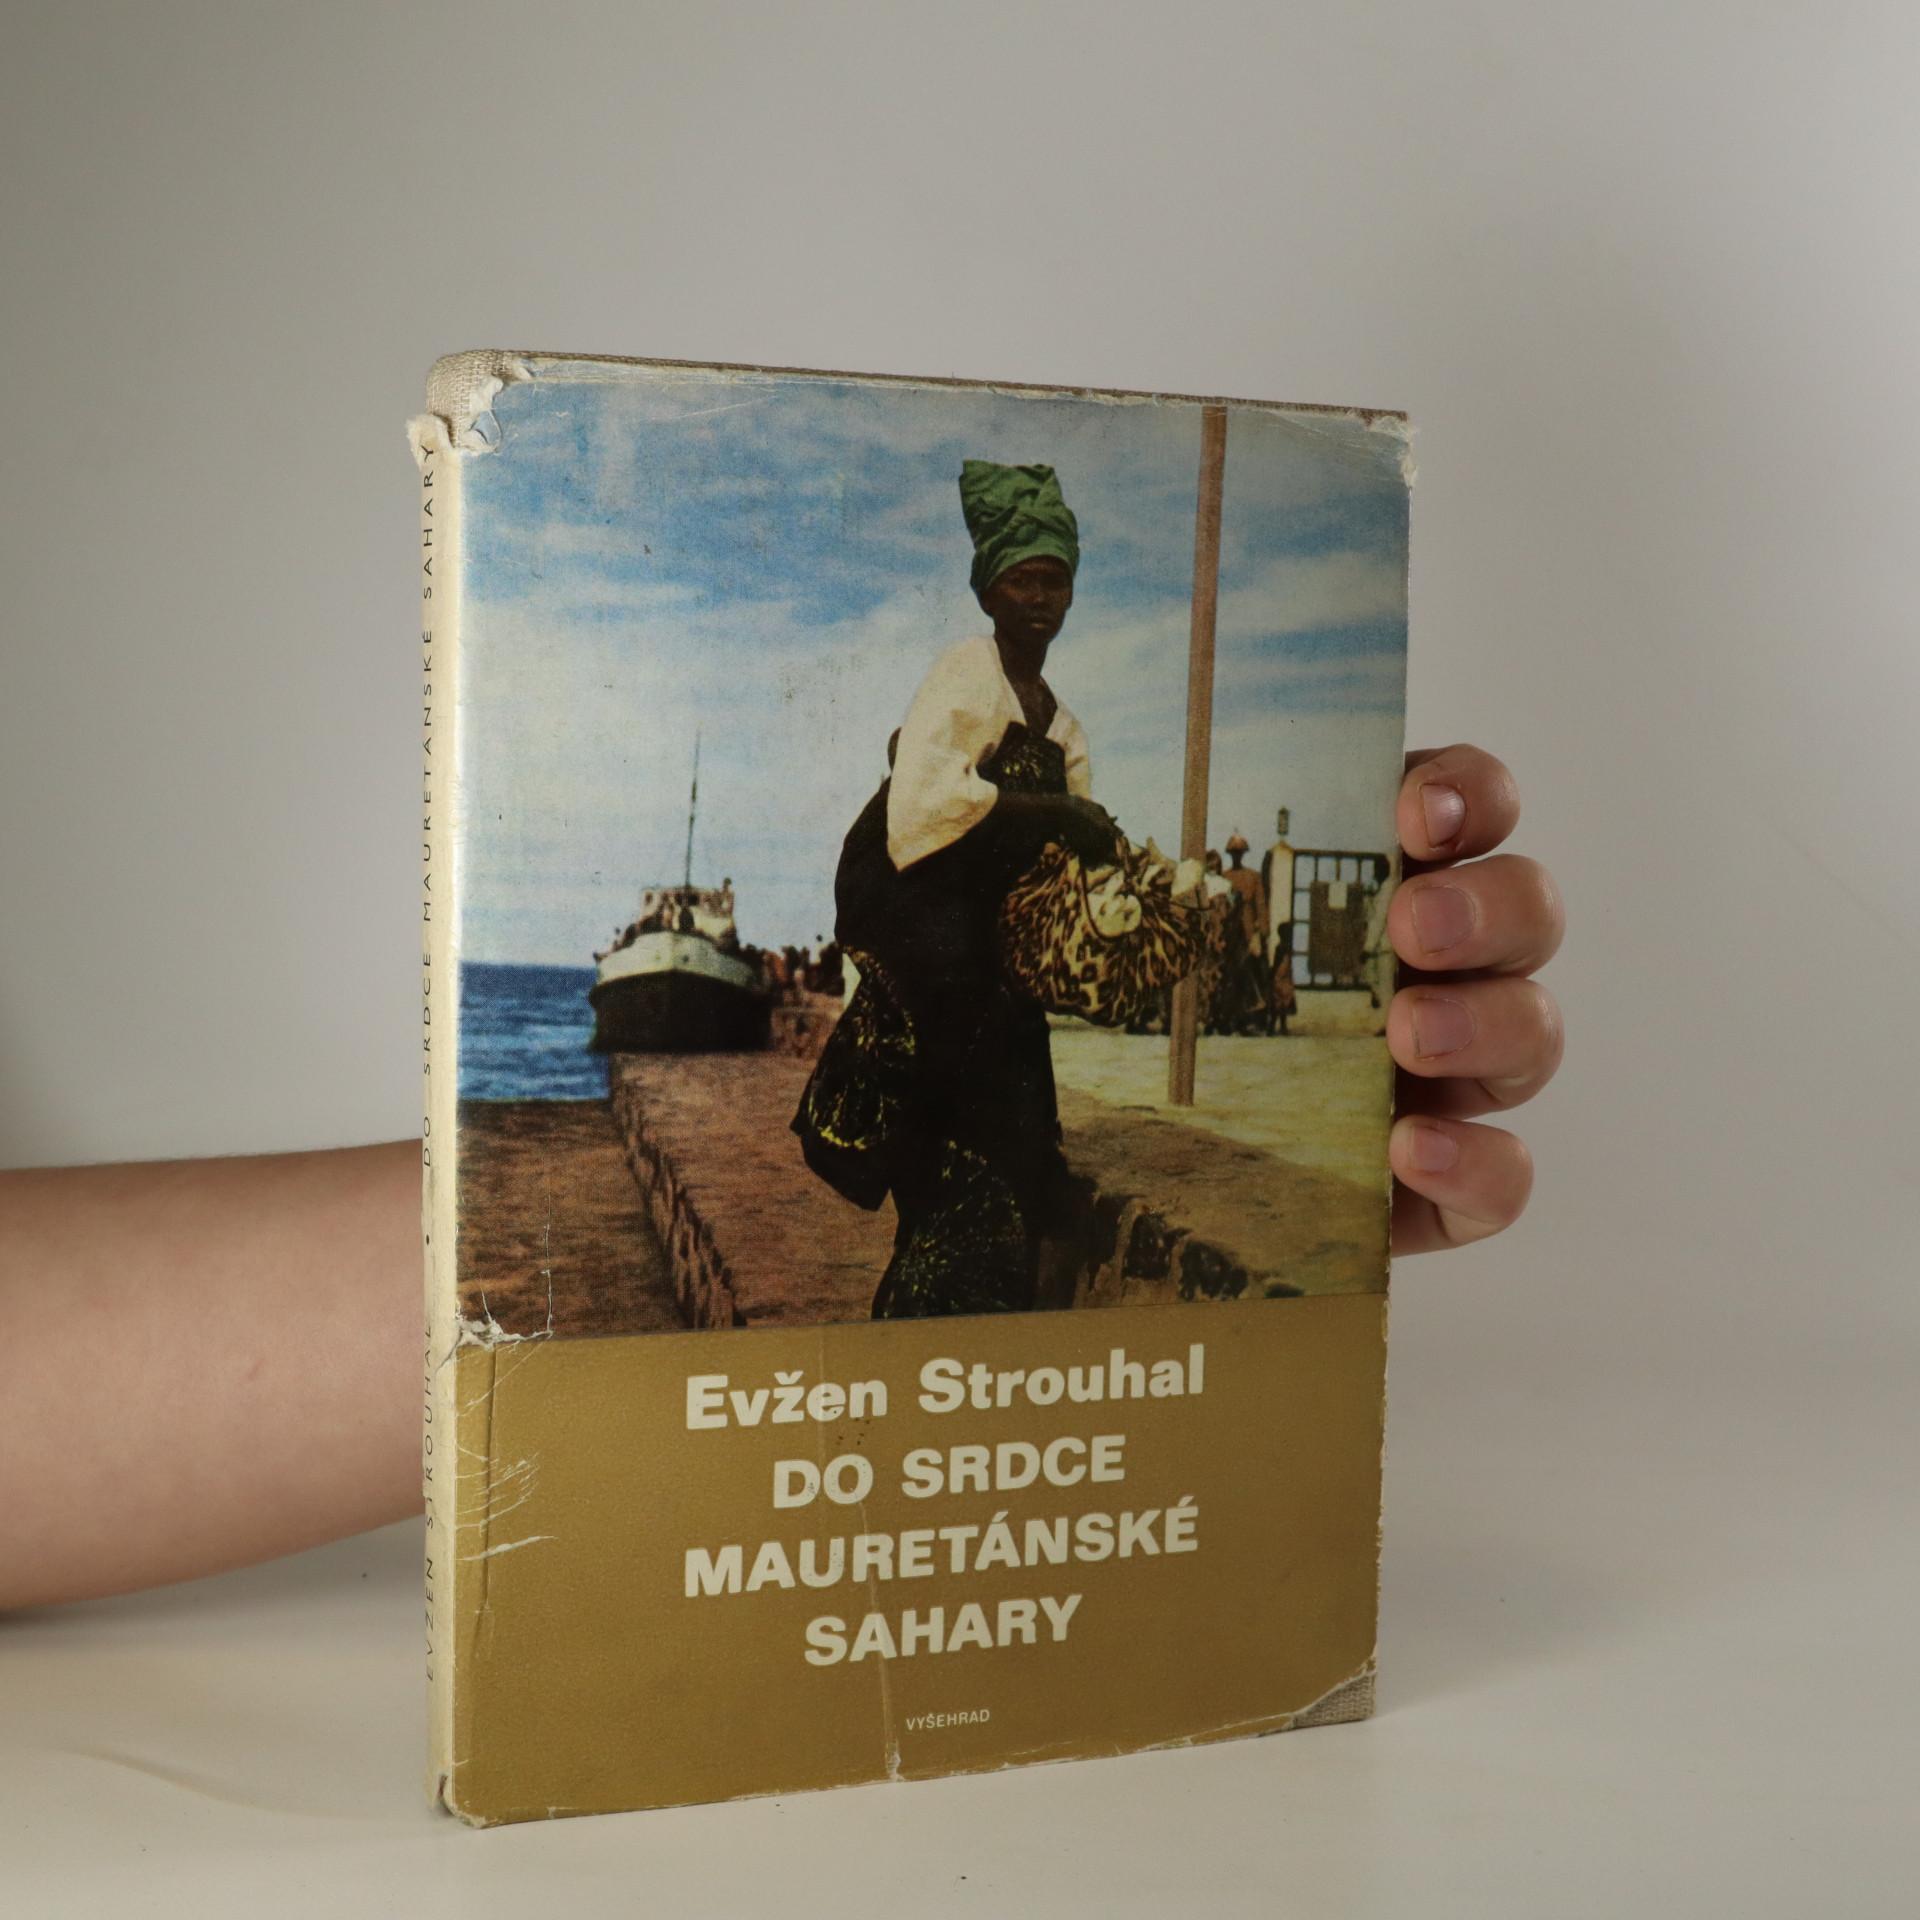 antikvární kniha Do srdce mauretánské Sahary, 1974